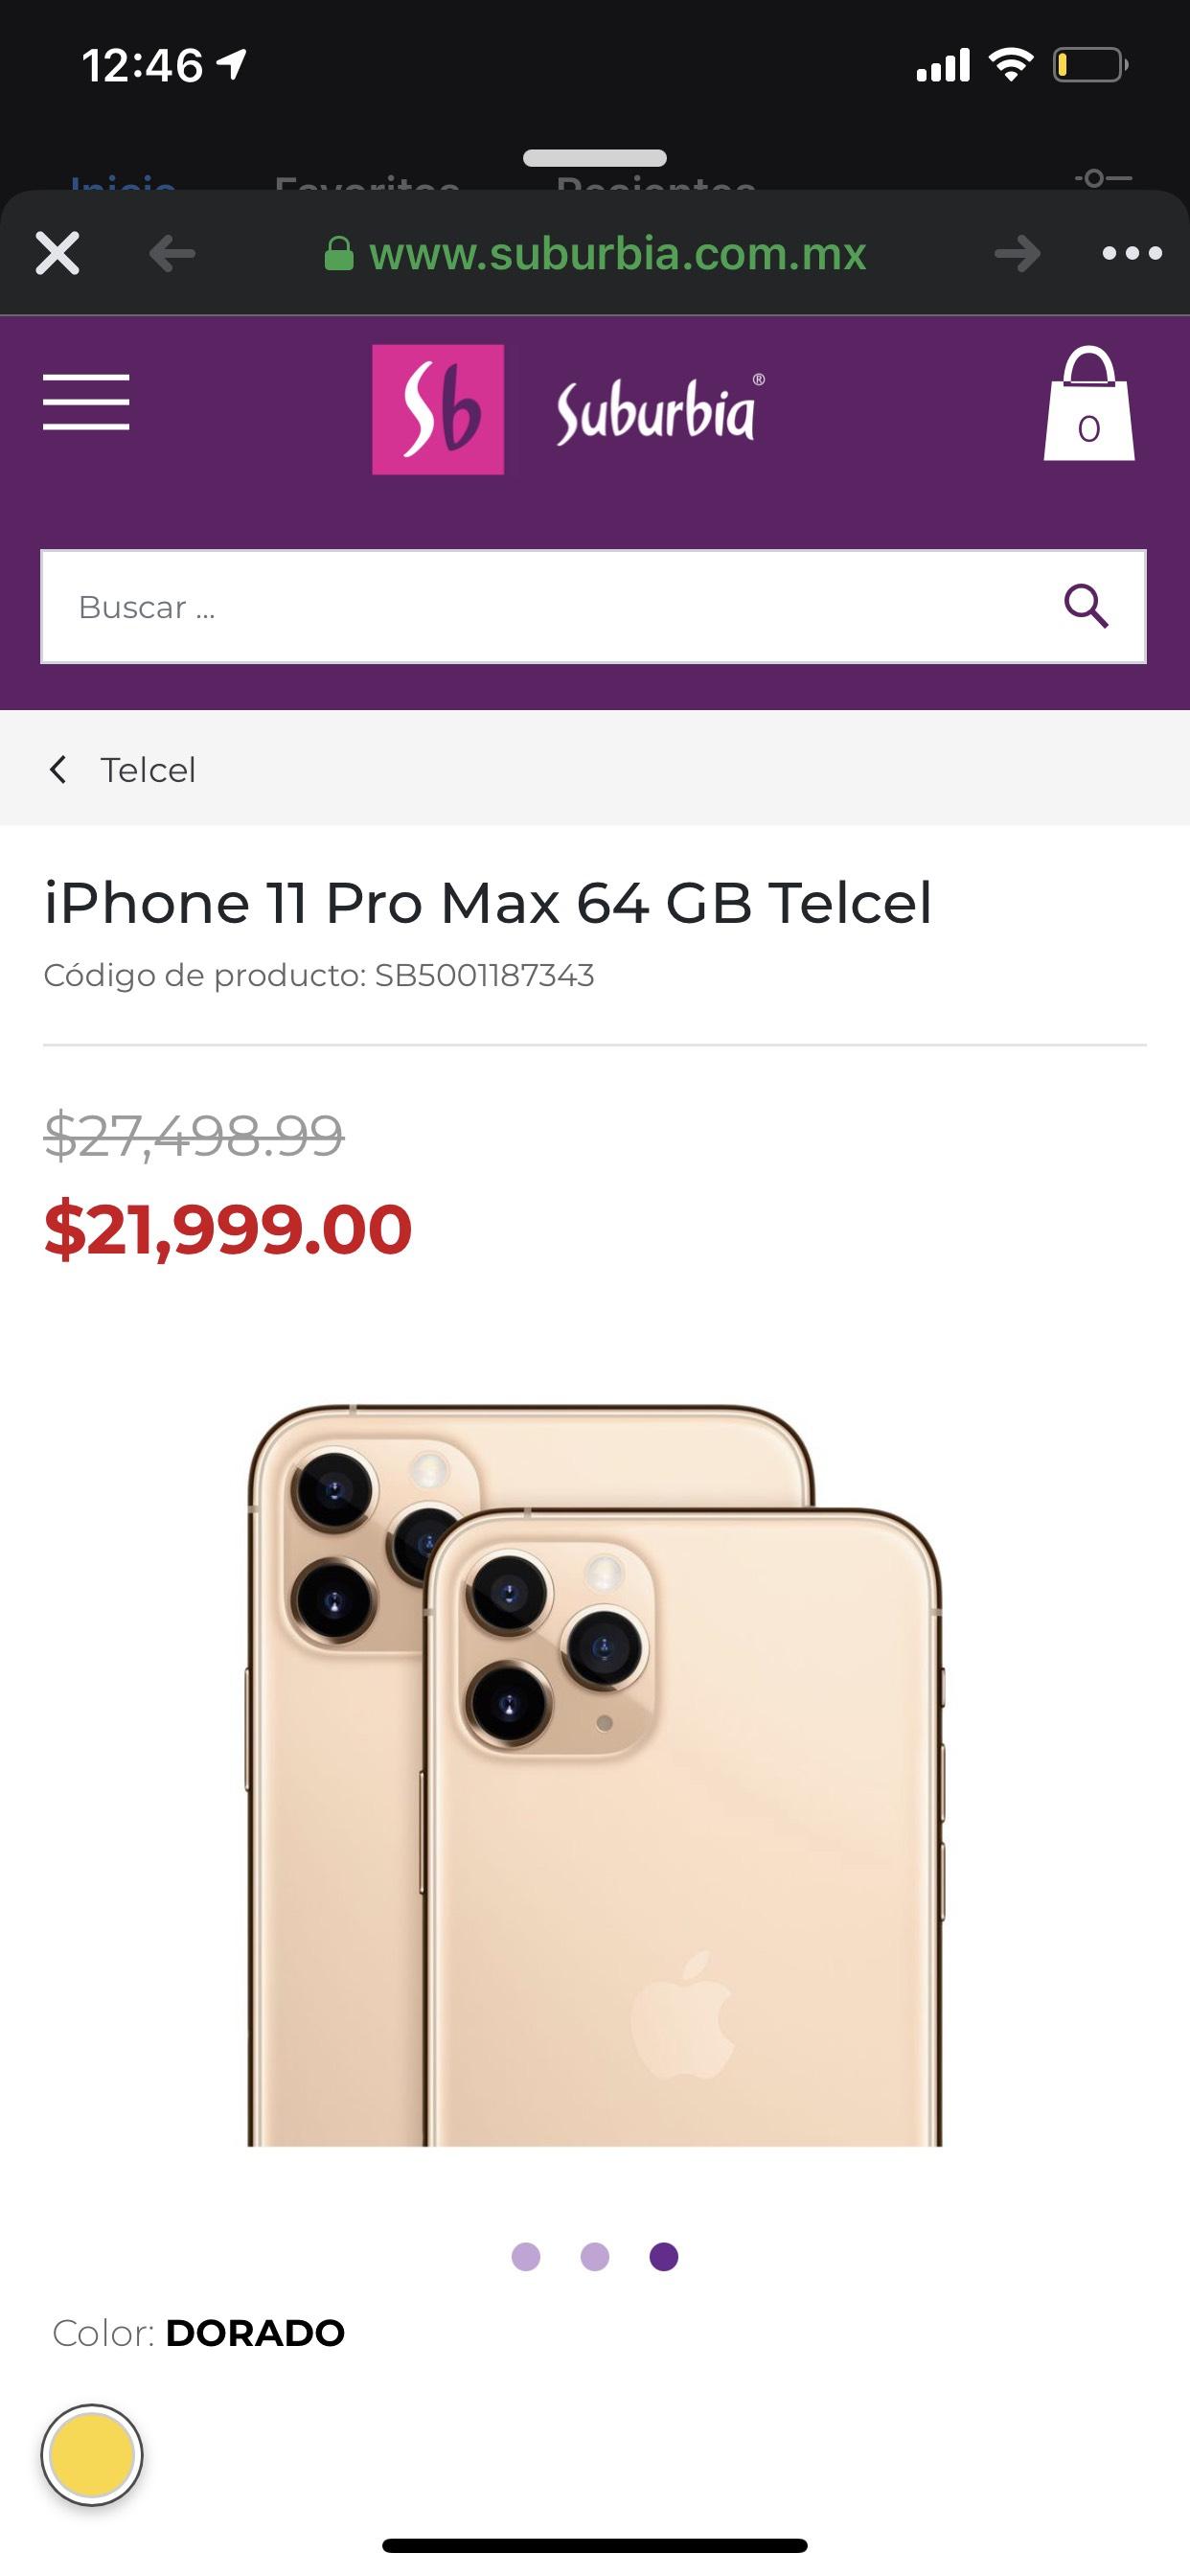 Suburbia: iPhone 11 Pro Max